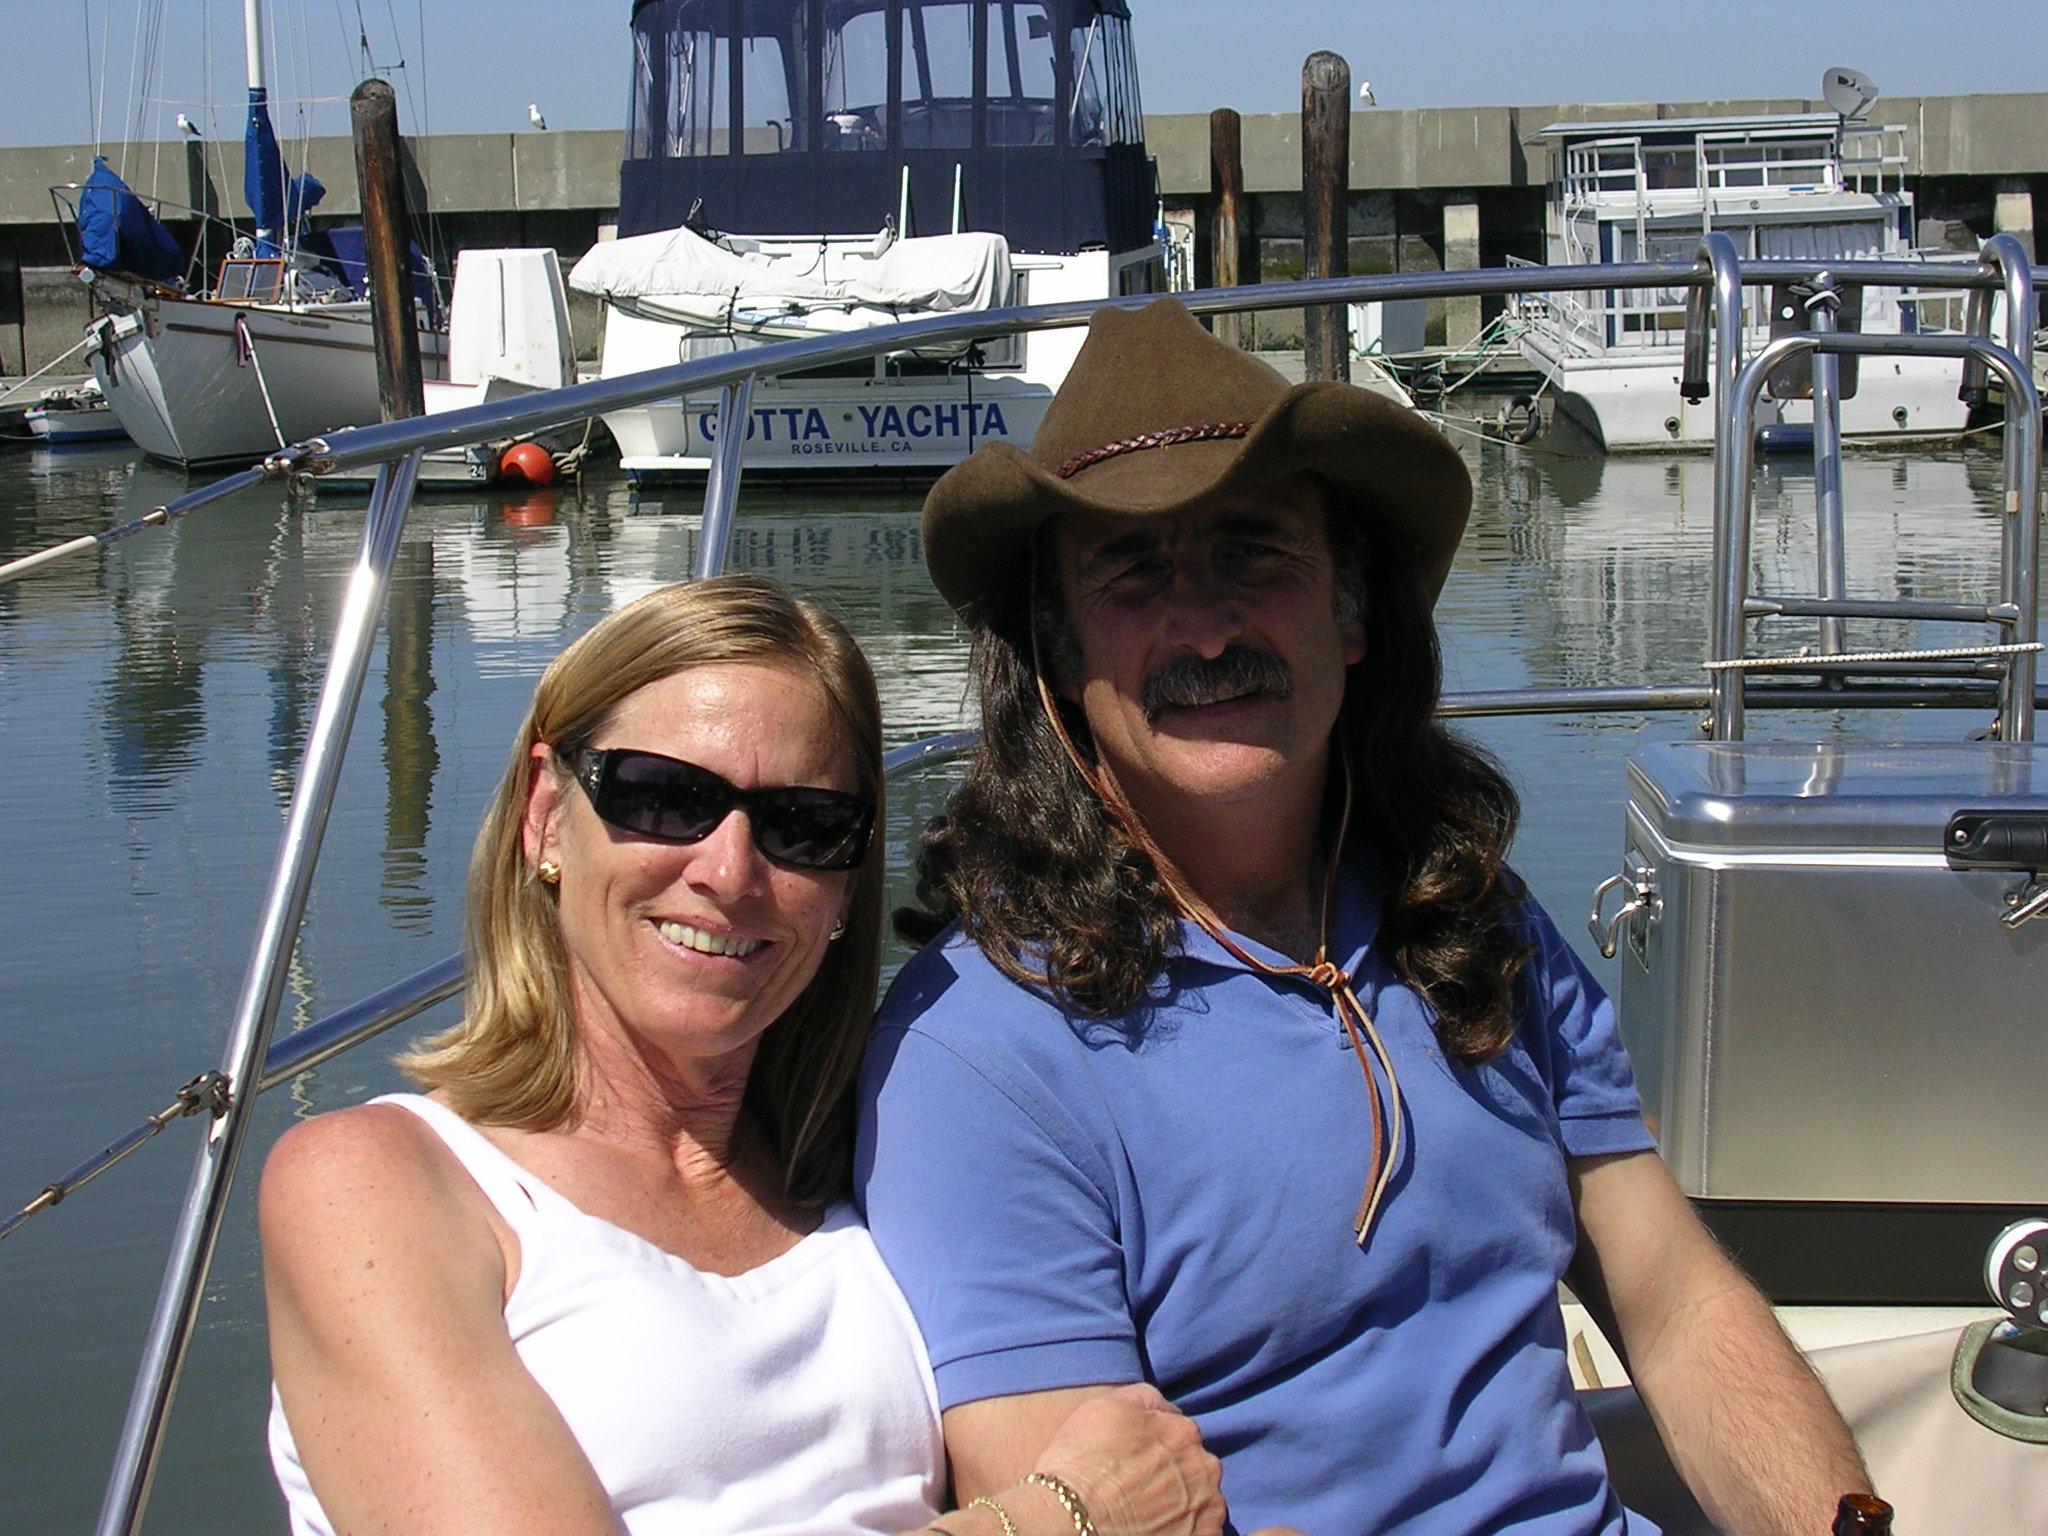 Rick Dawson vaimonsa Victorian kanssa oman veneensä kannella.